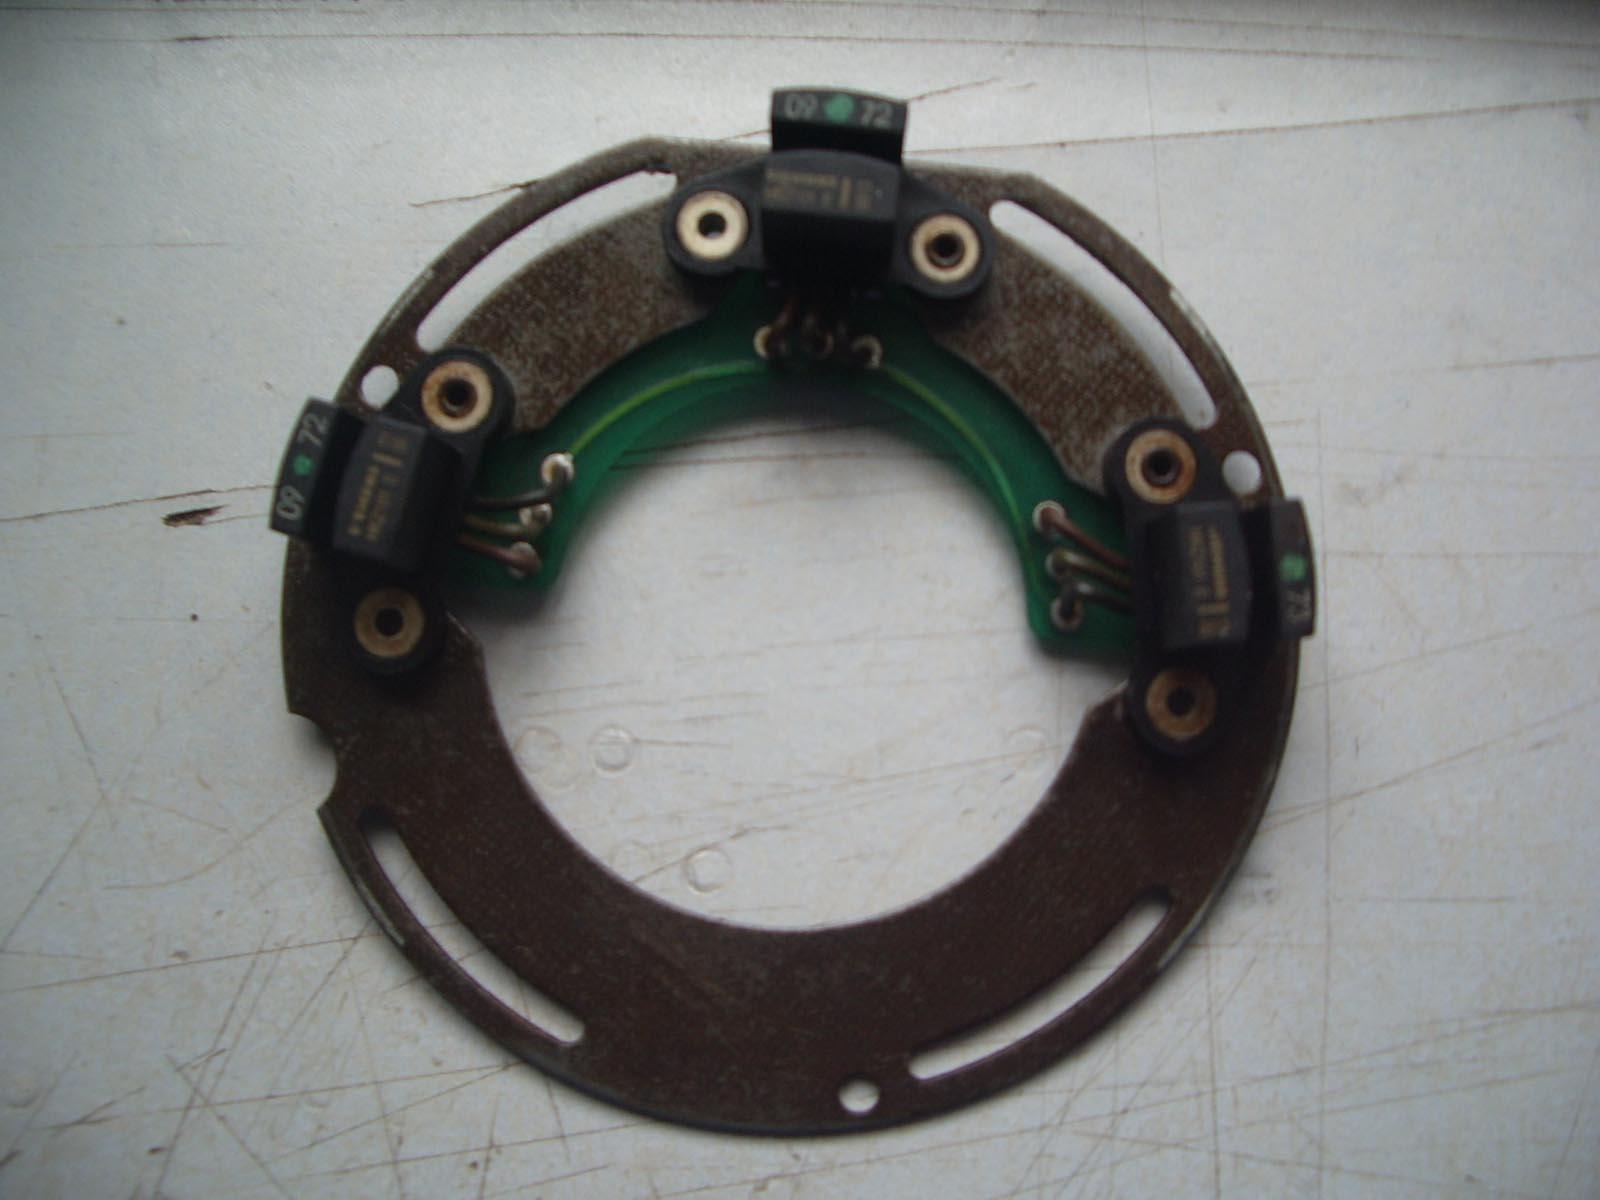 电机尾端的3个霍尔效应叶片位置传感器与转子如何定位